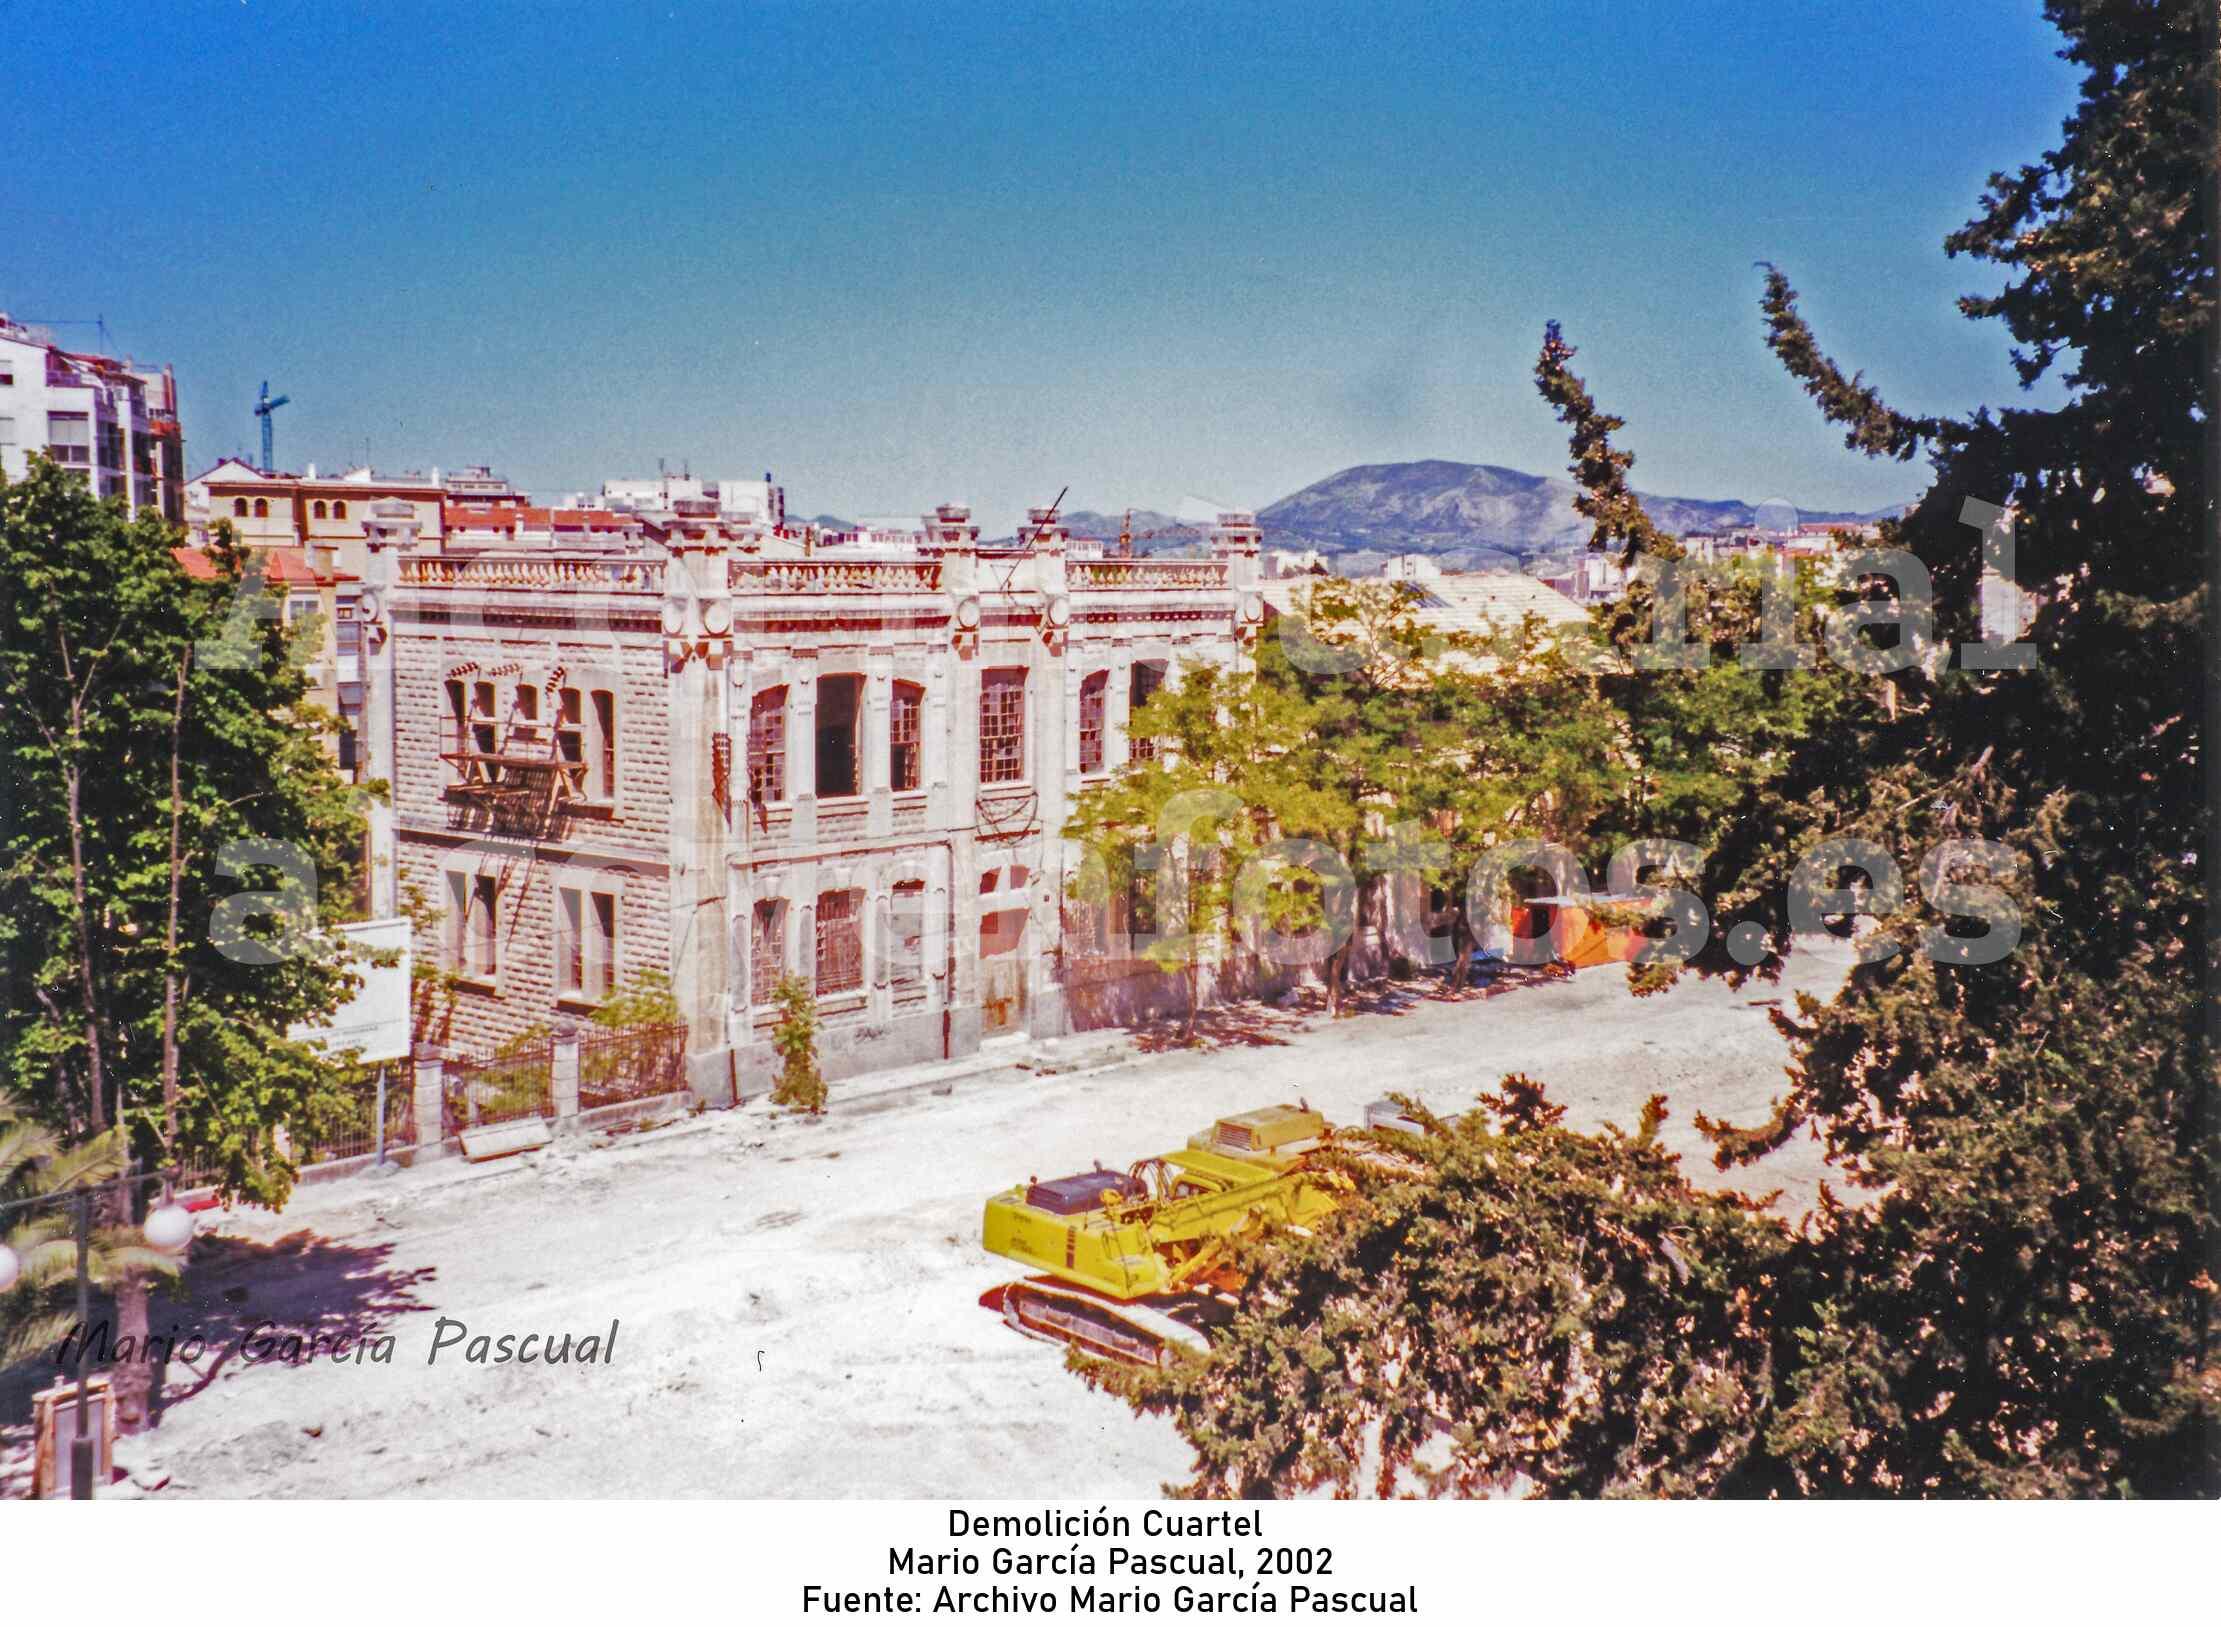 Demolición Cuartel